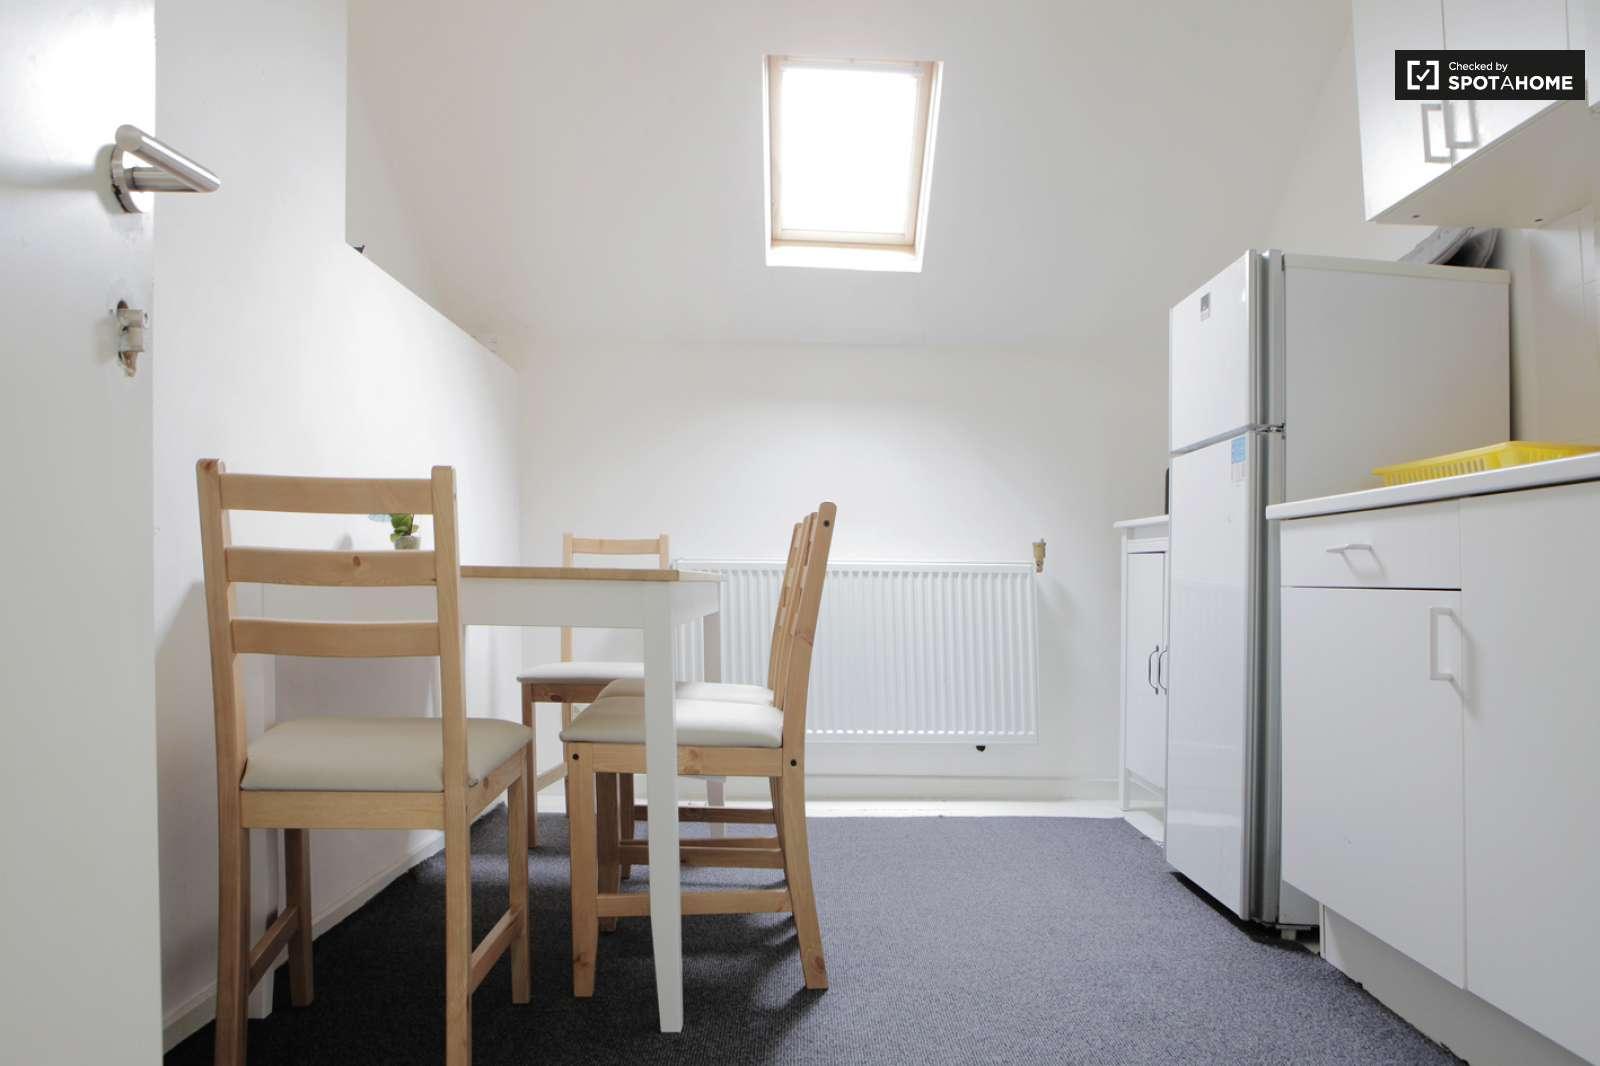 Lit double dans des chambres louer dans un appartement spacieux avec s che - Seche linge appartement ...